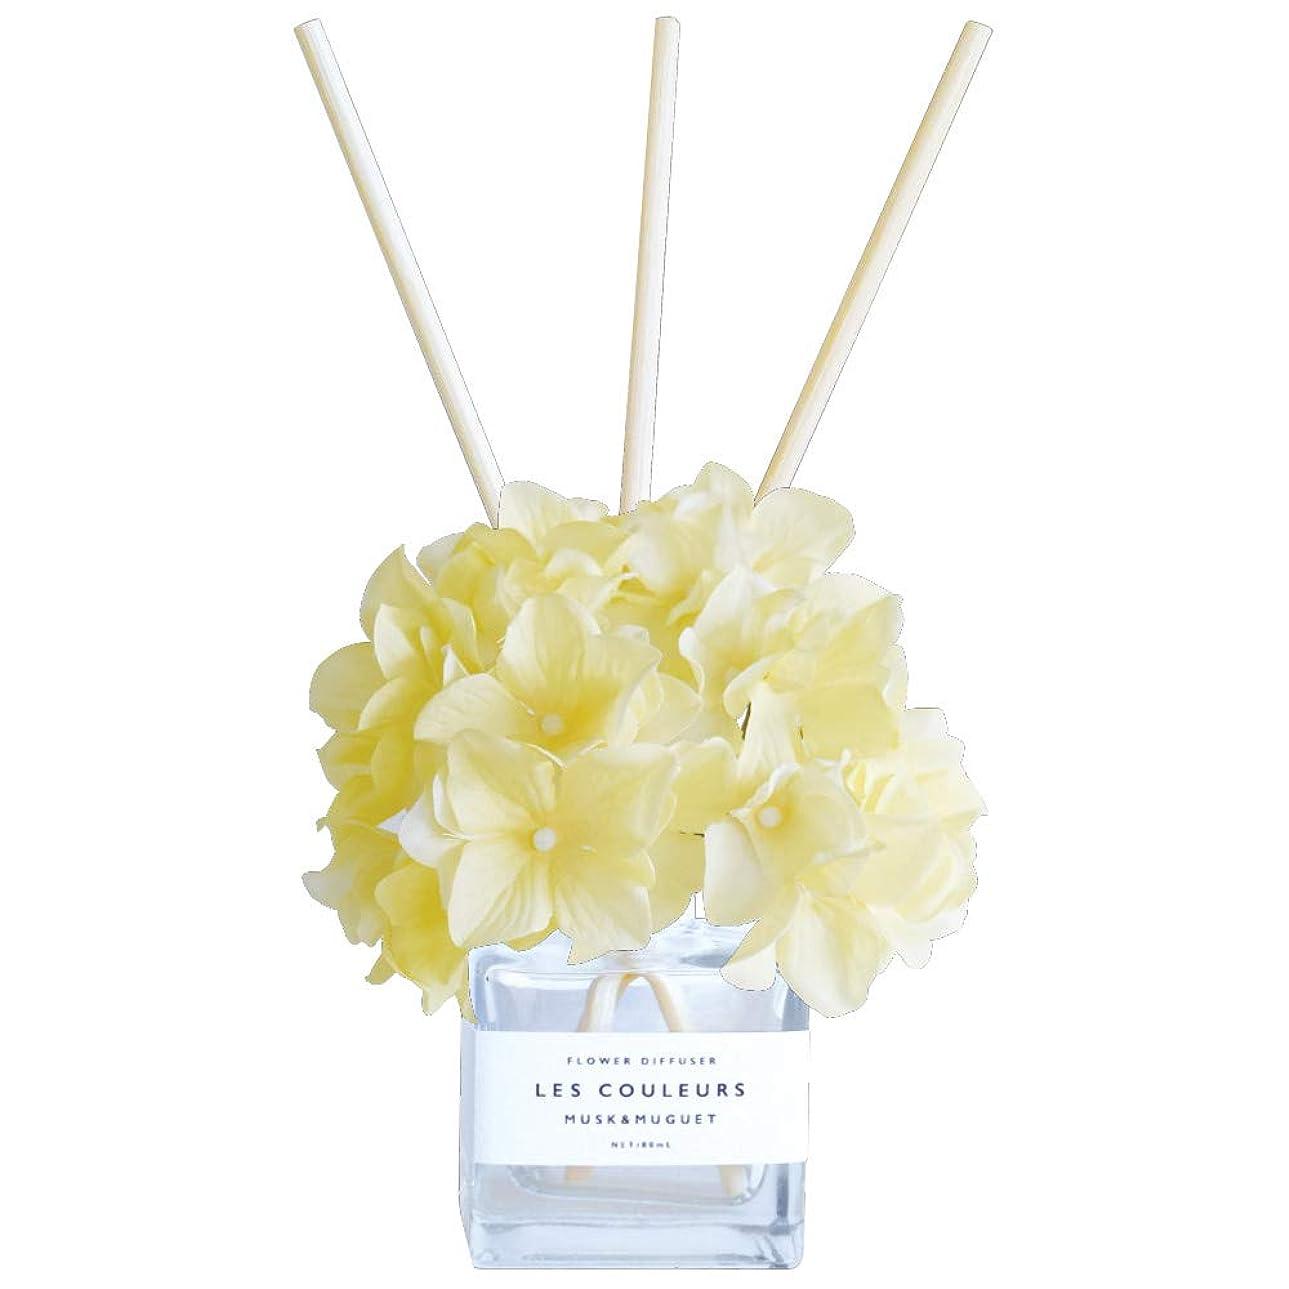 自宅で類推含めるレクルール フラワーディフューザー お花のリードディフューザー (ムスク&ミュゲ)